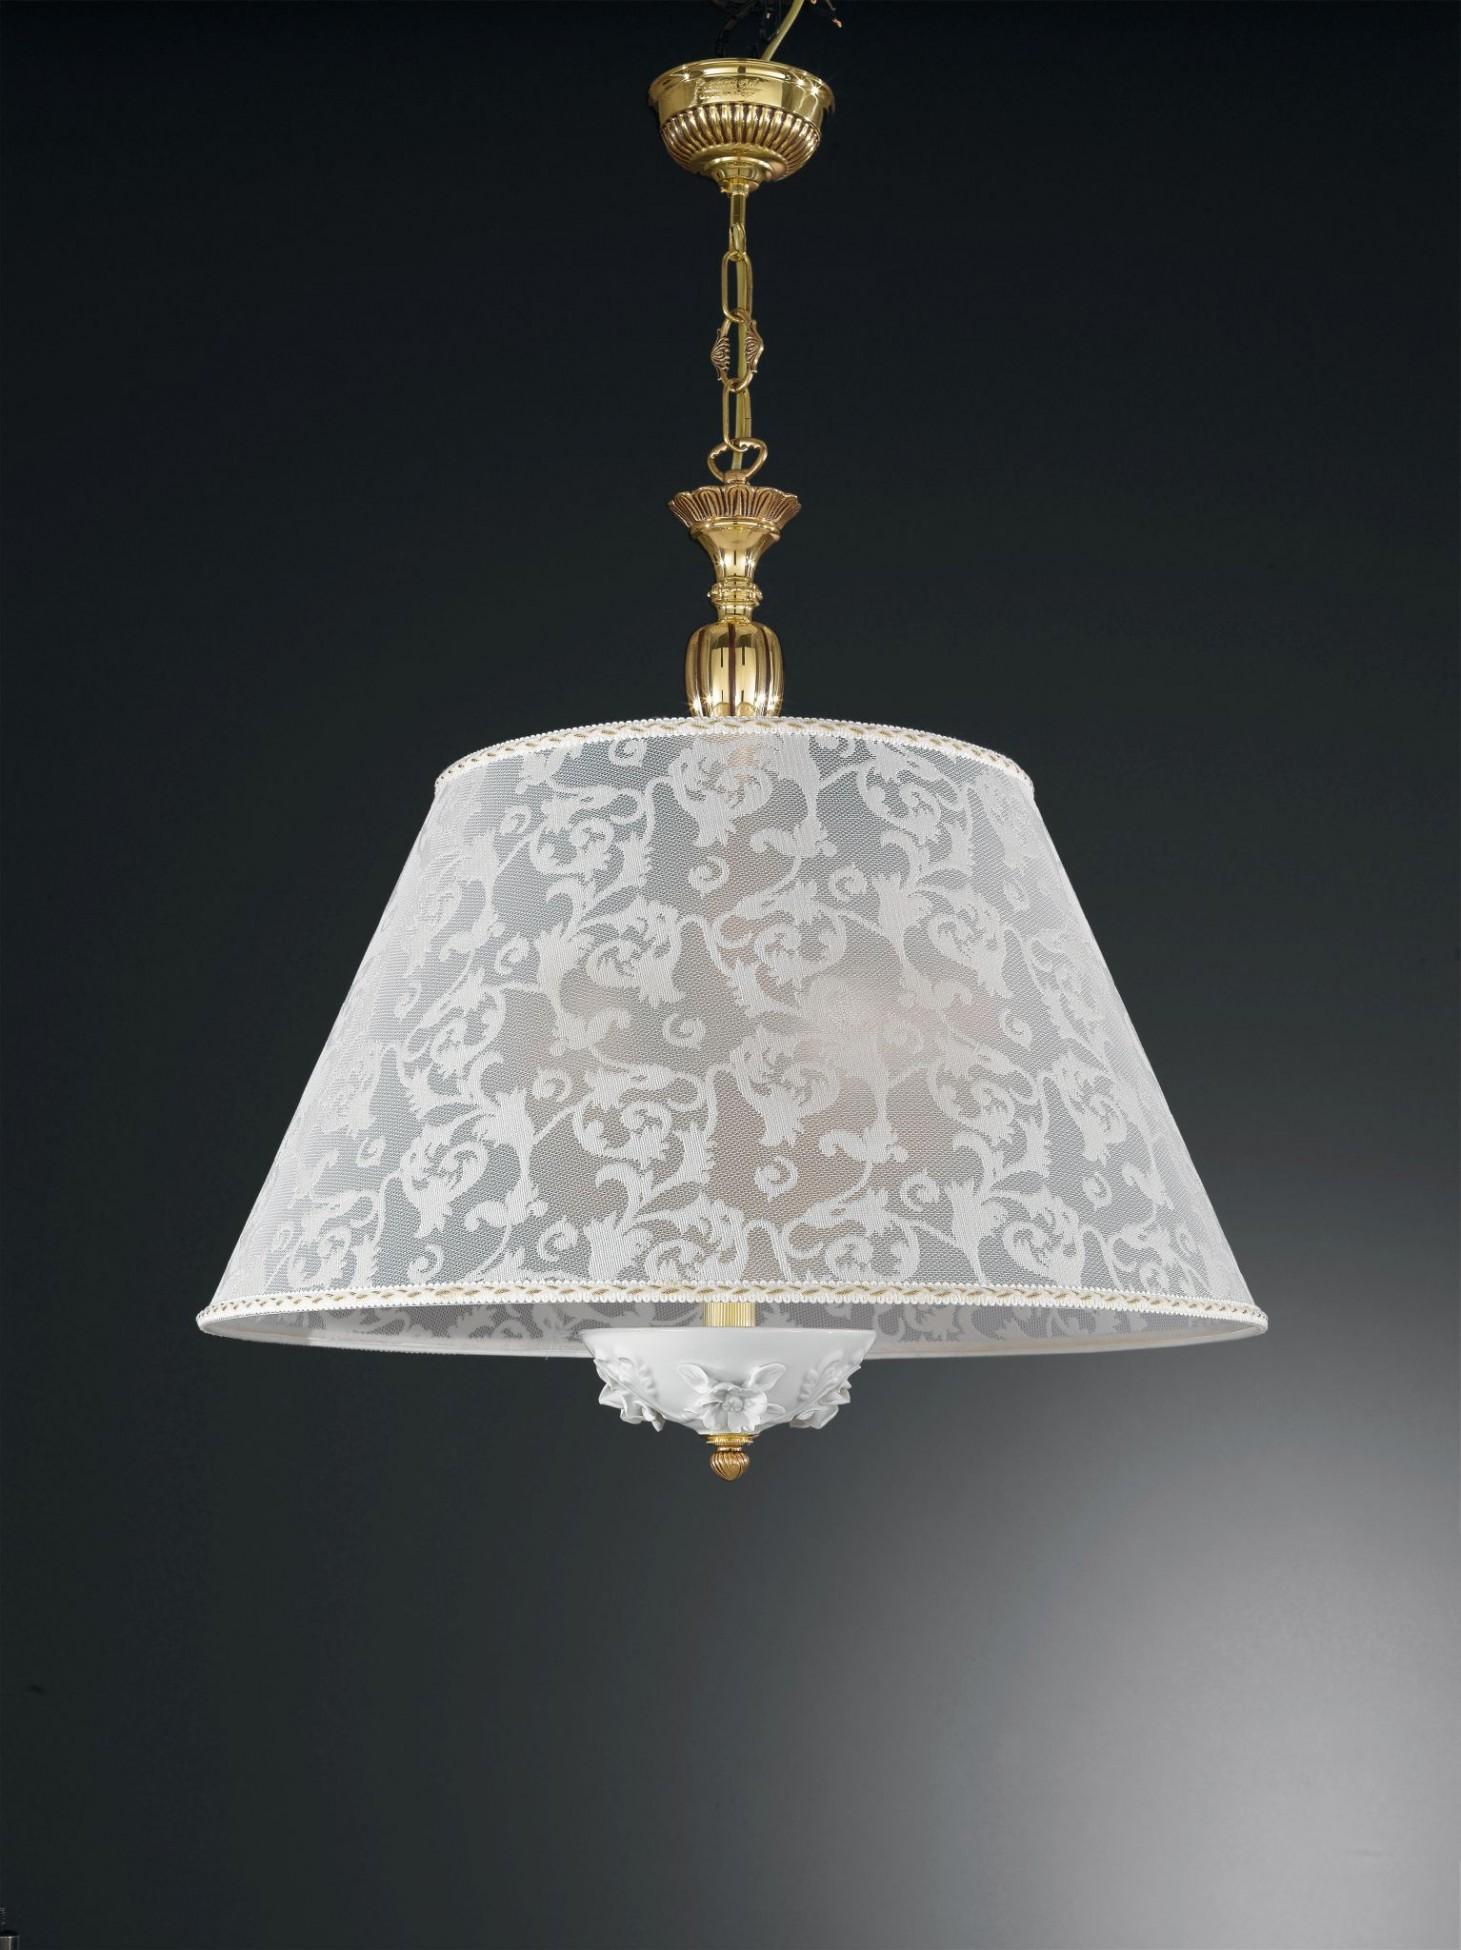 pendelleuchte aus goldenen messing und weissem porzellan mit lampenschirm 60 cm reccagni store. Black Bedroom Furniture Sets. Home Design Ideas